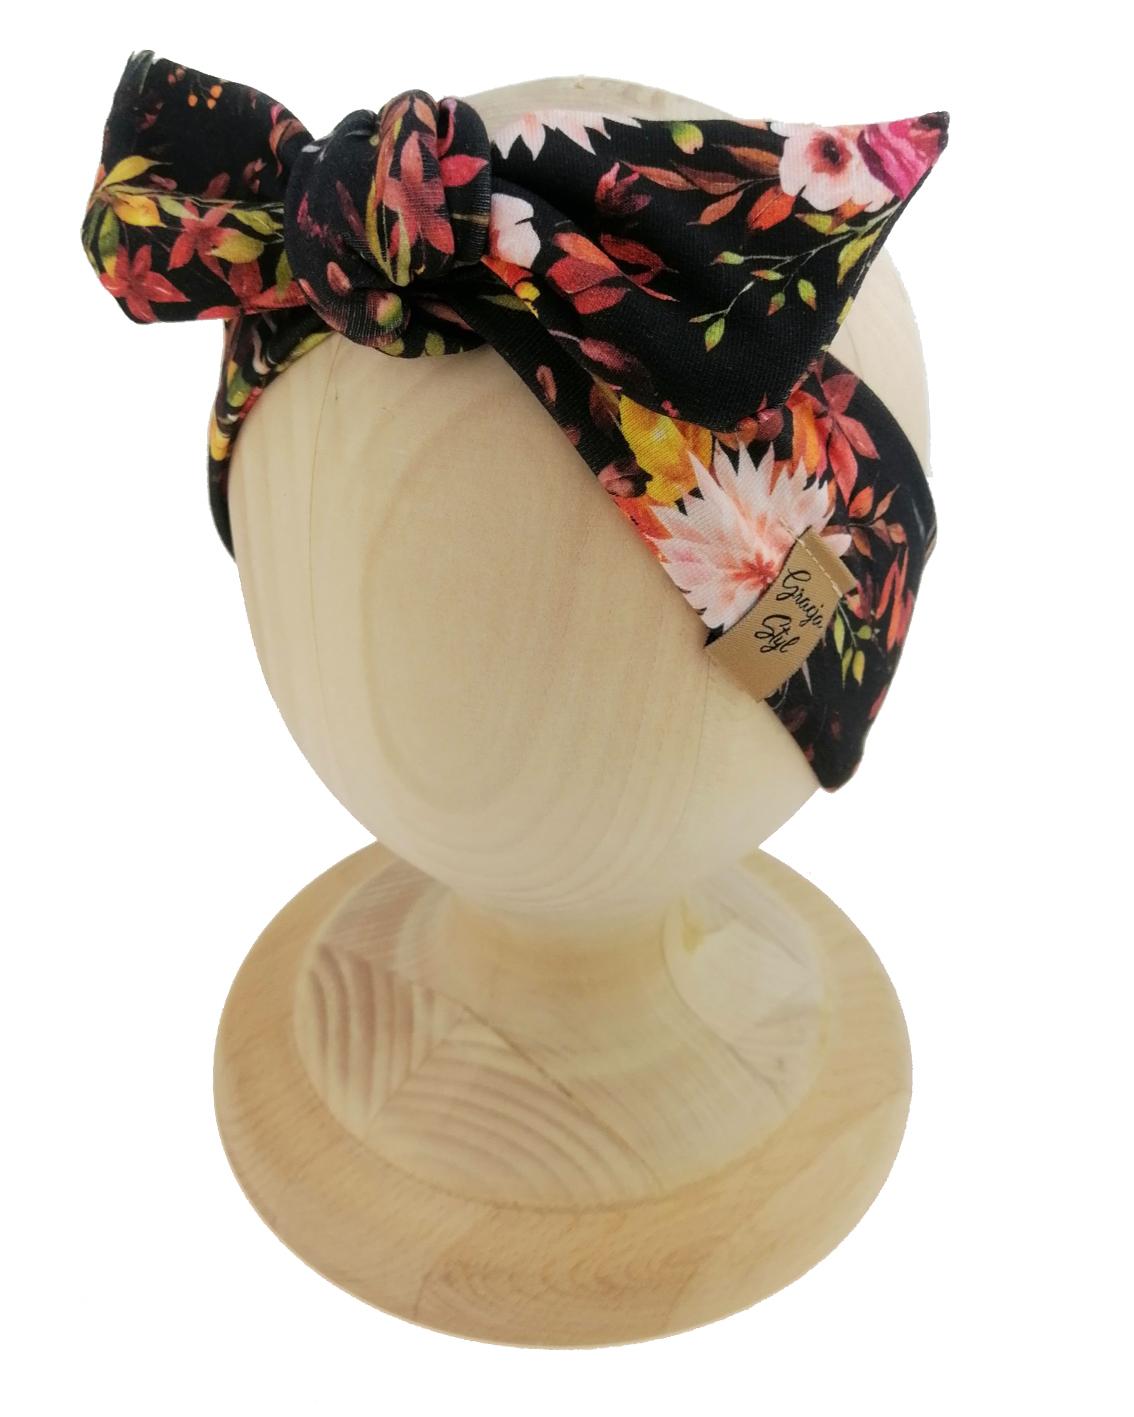 Opaska kobieca typu Pin-up marki Gracja Styl. Uszyta z bawełny petelkowej typu dresówka. Wzór opaski kwiaty na czarnym tle.